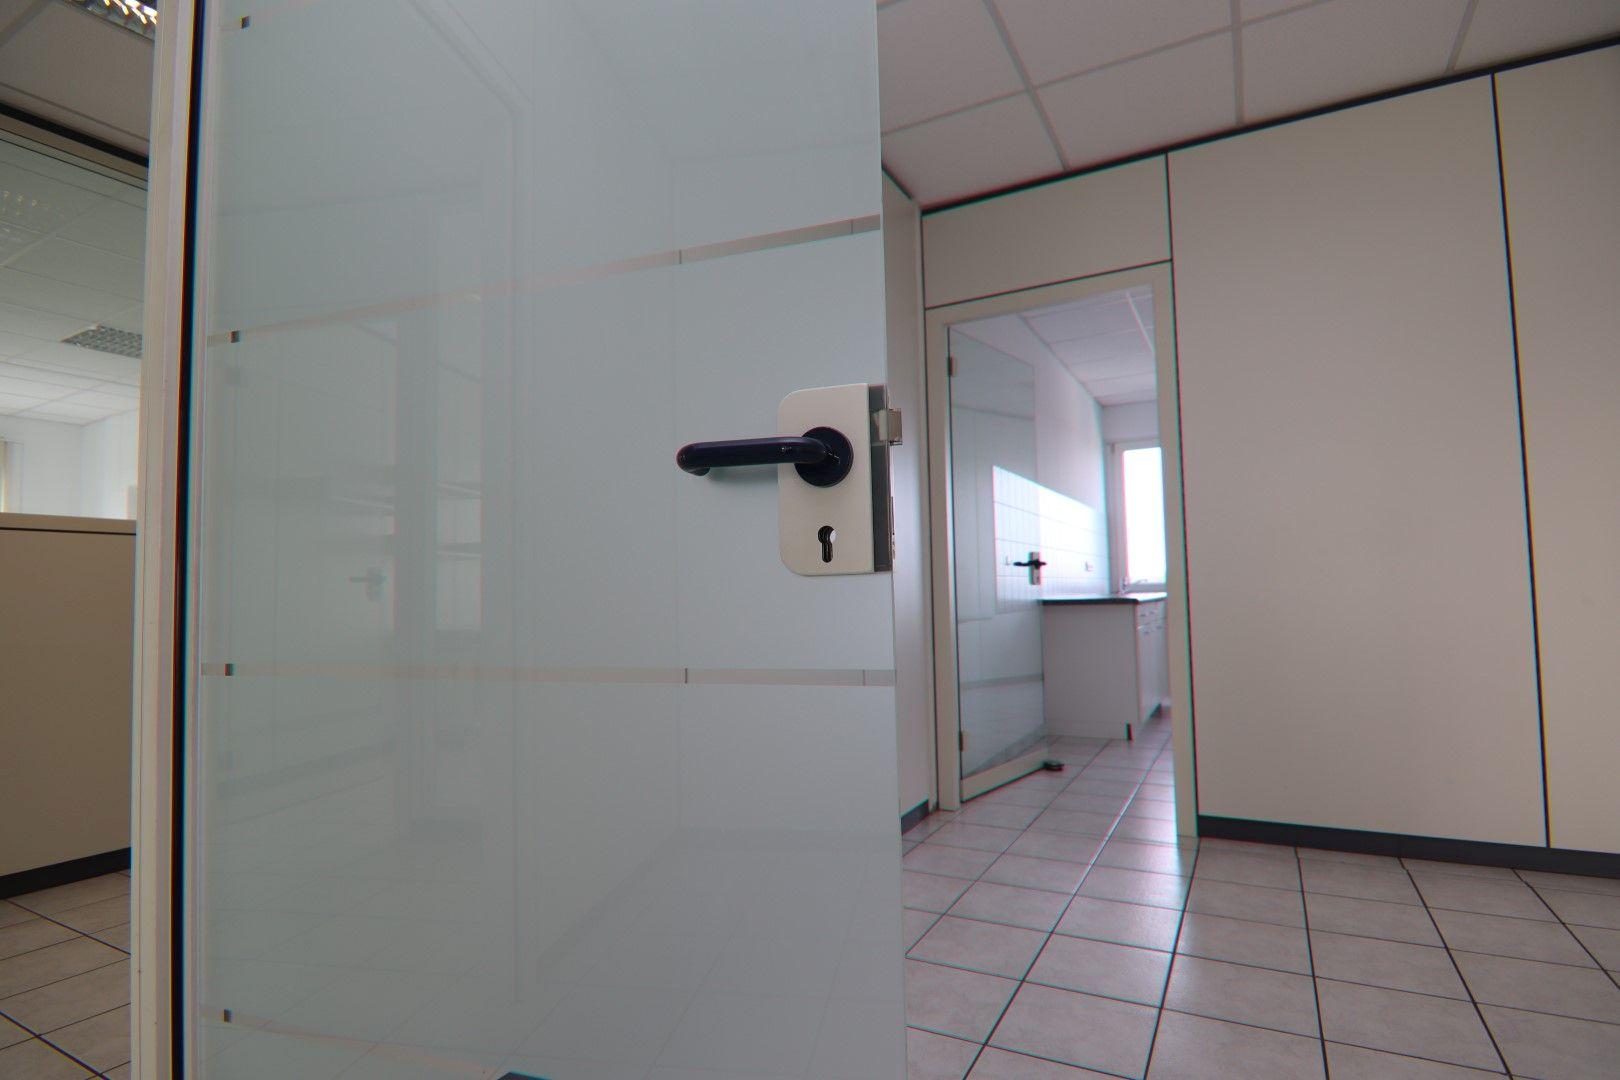 Immobilie Nr.0295 - Bürofläche mit WC-Anlage, Küche u. Aufzug - Bild 7.jpg